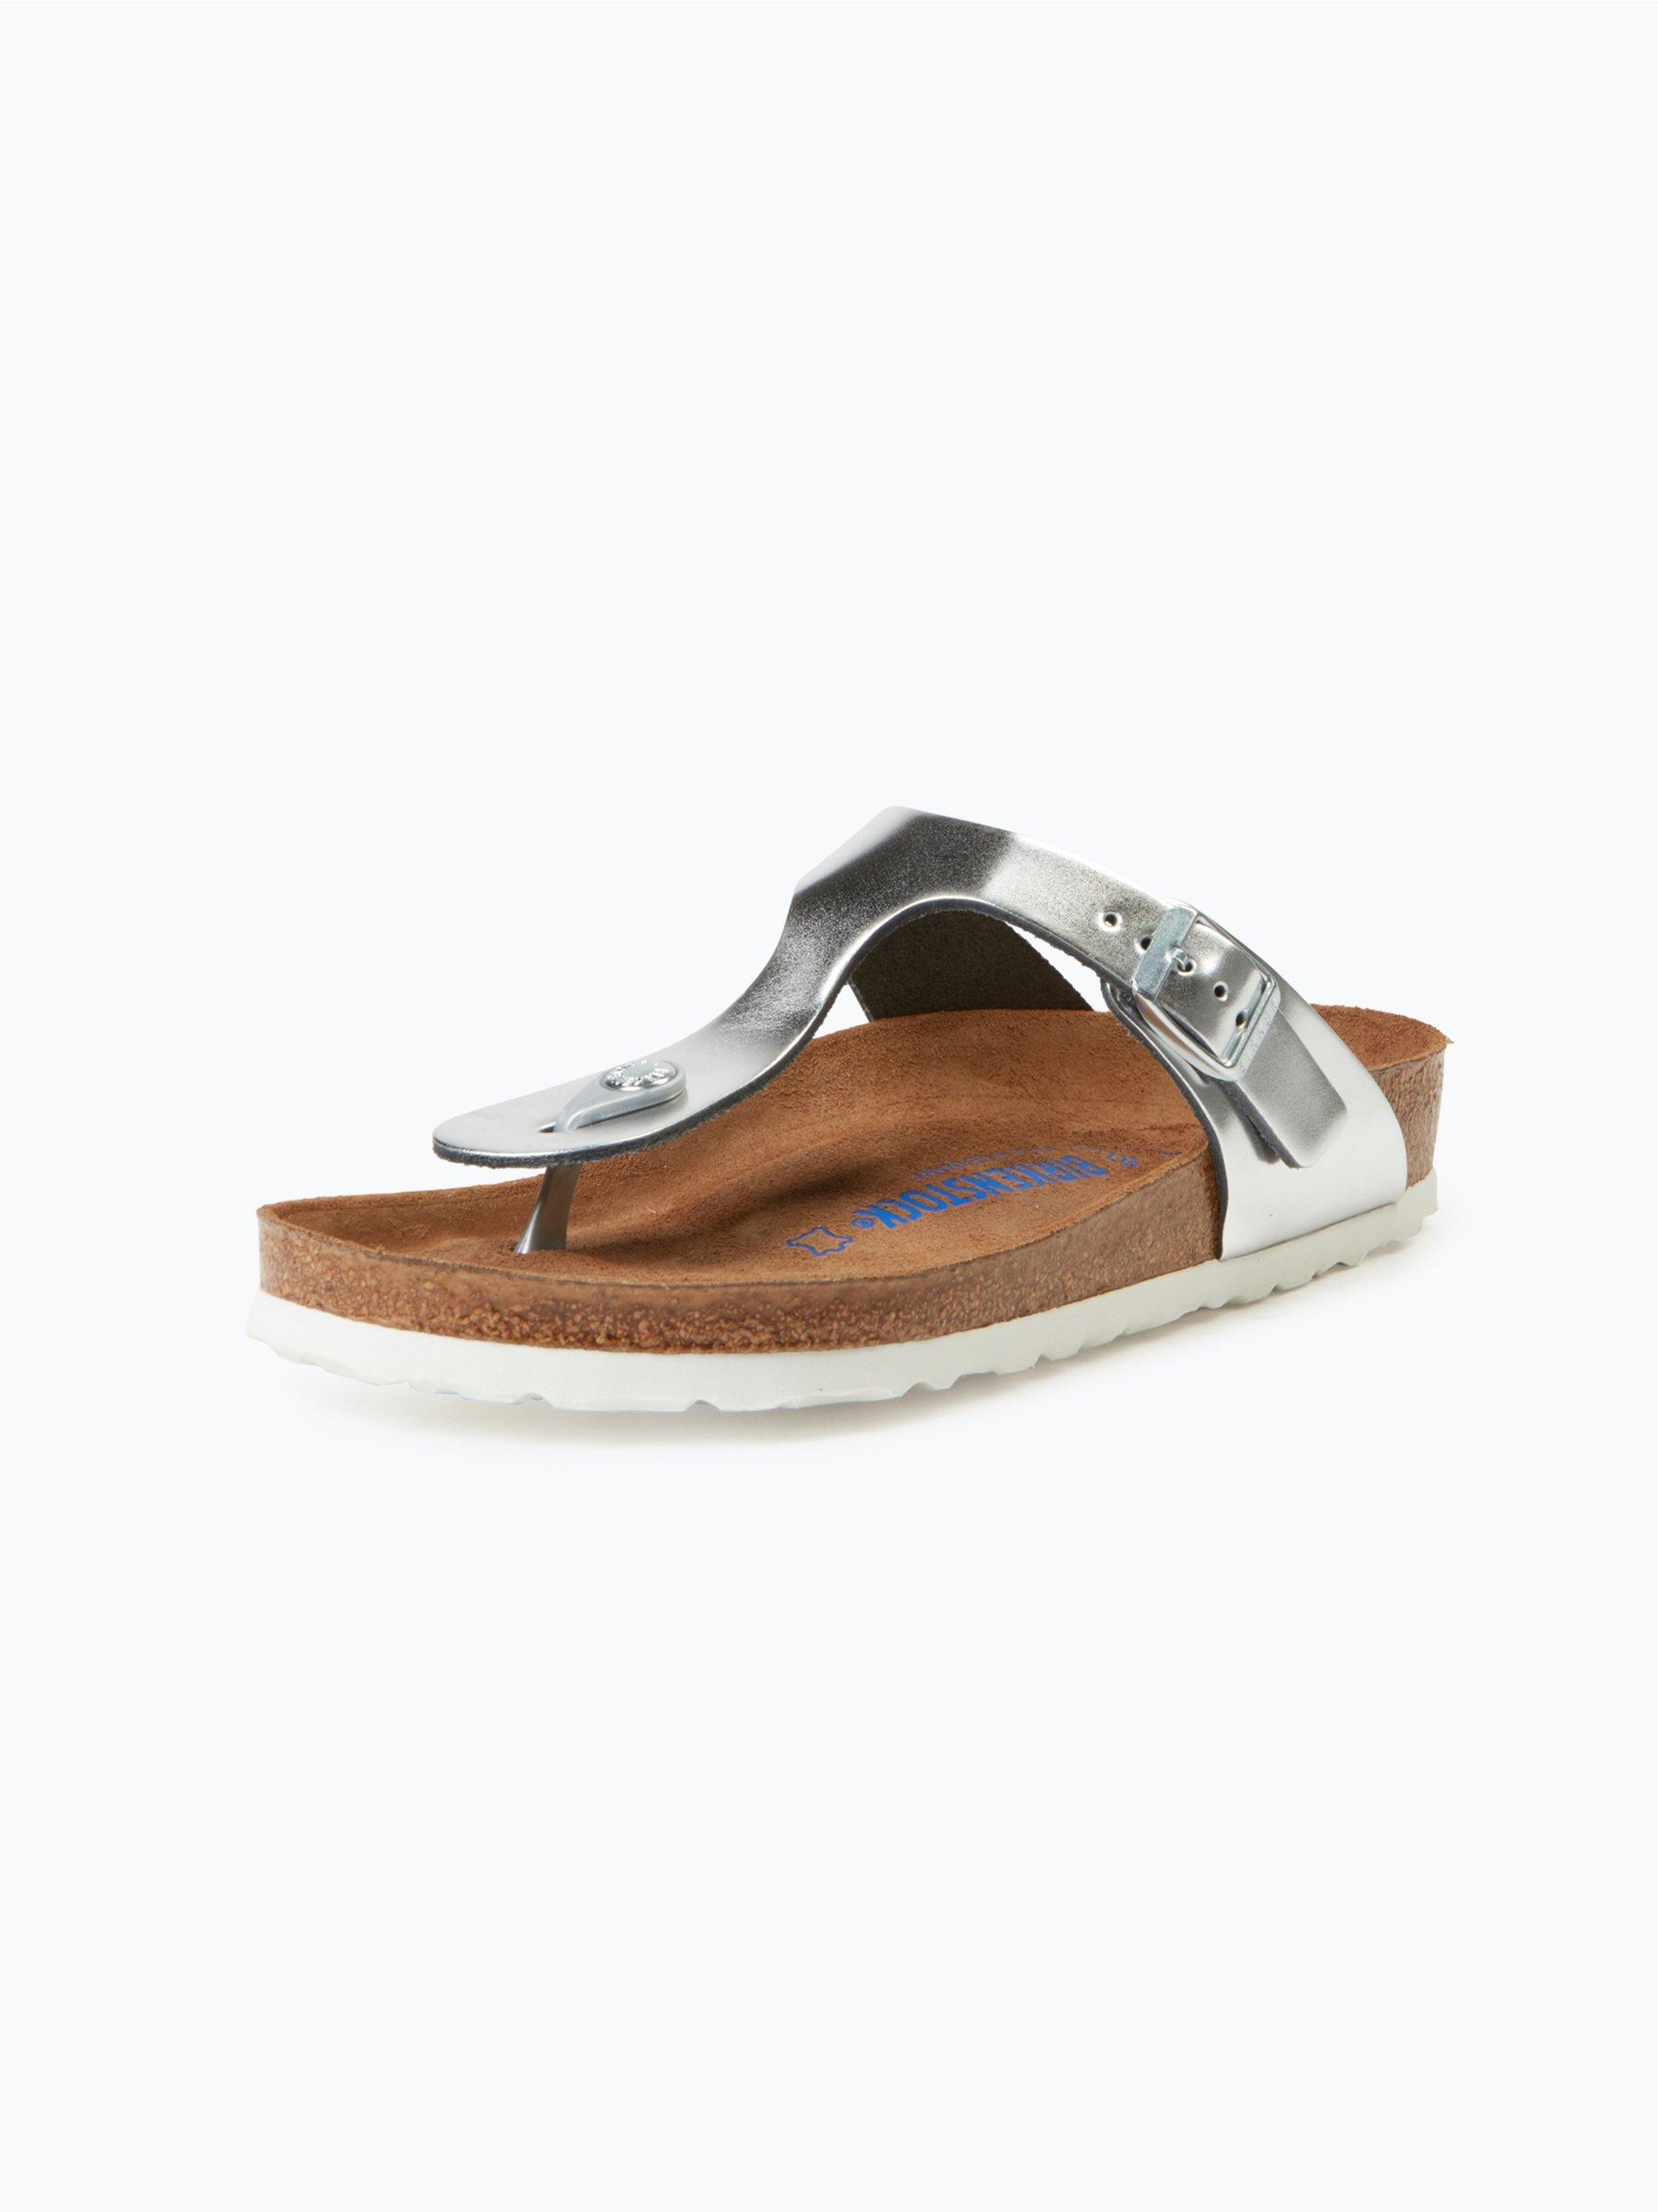 birkenstock damen sandalen aus leder silber uni online. Black Bedroom Furniture Sets. Home Design Ideas